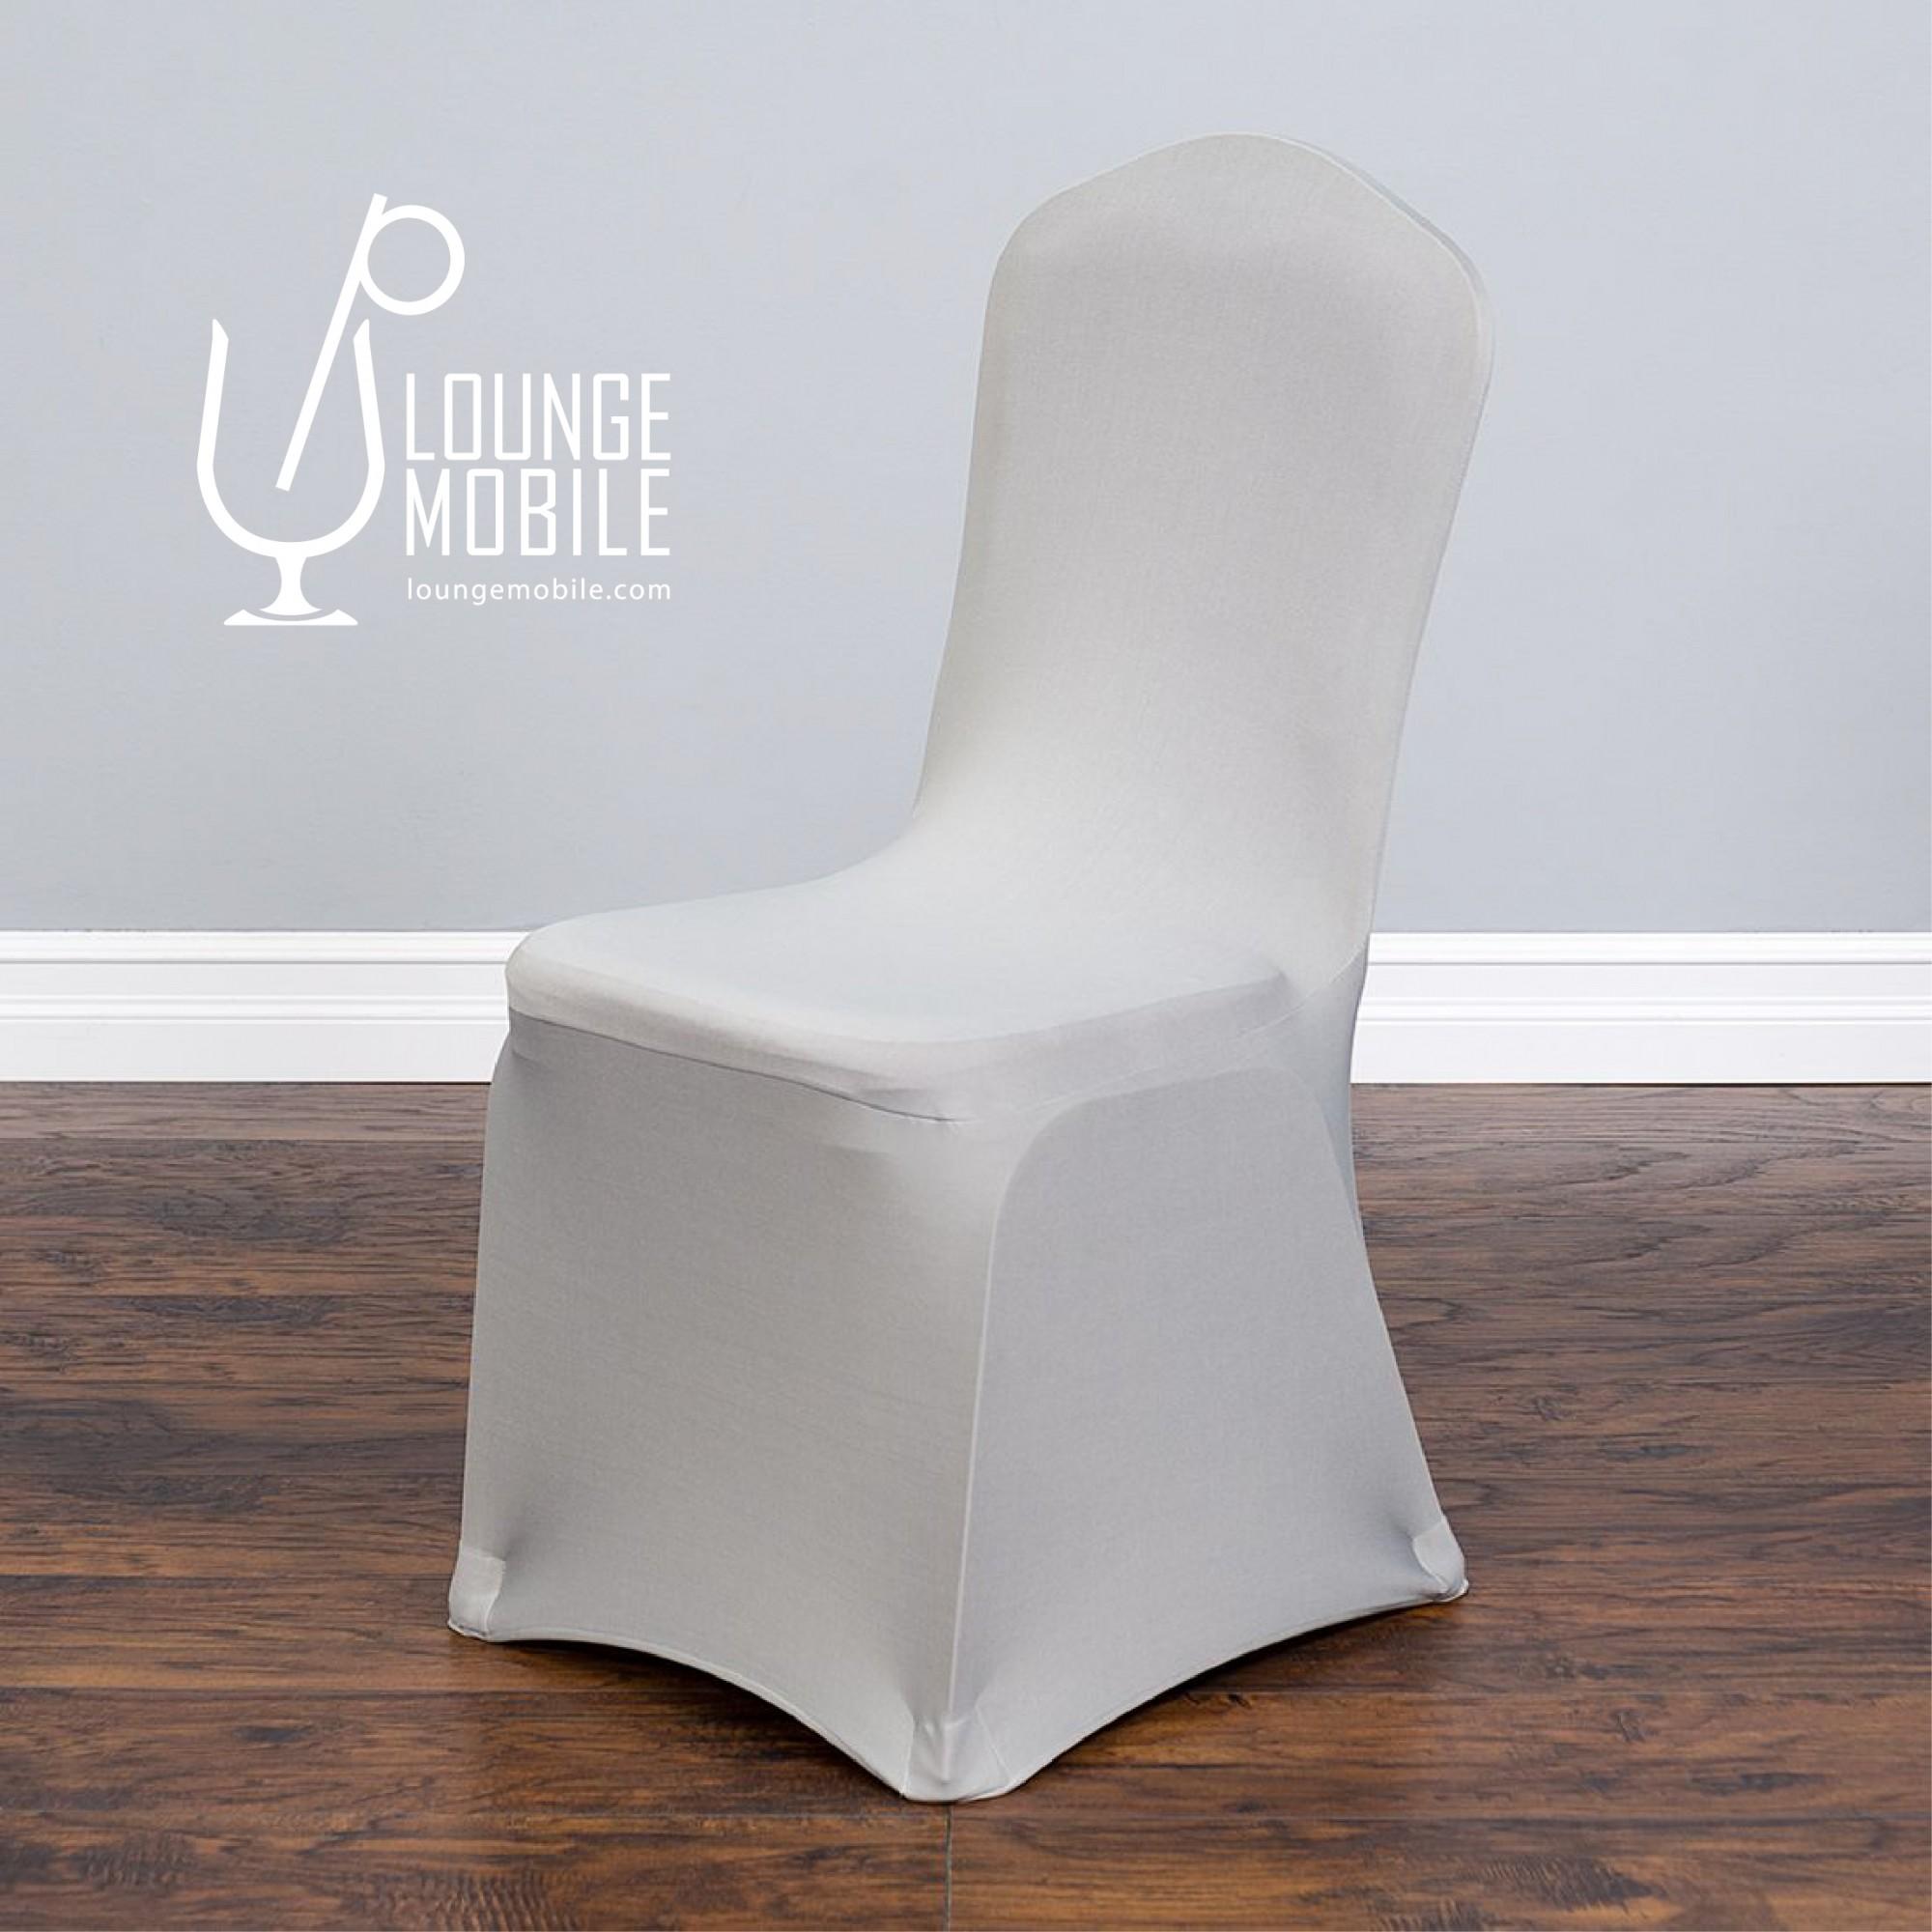 housse de chaise lycra argent housses de chaises les productions c l brason site officiel. Black Bedroom Furniture Sets. Home Design Ideas